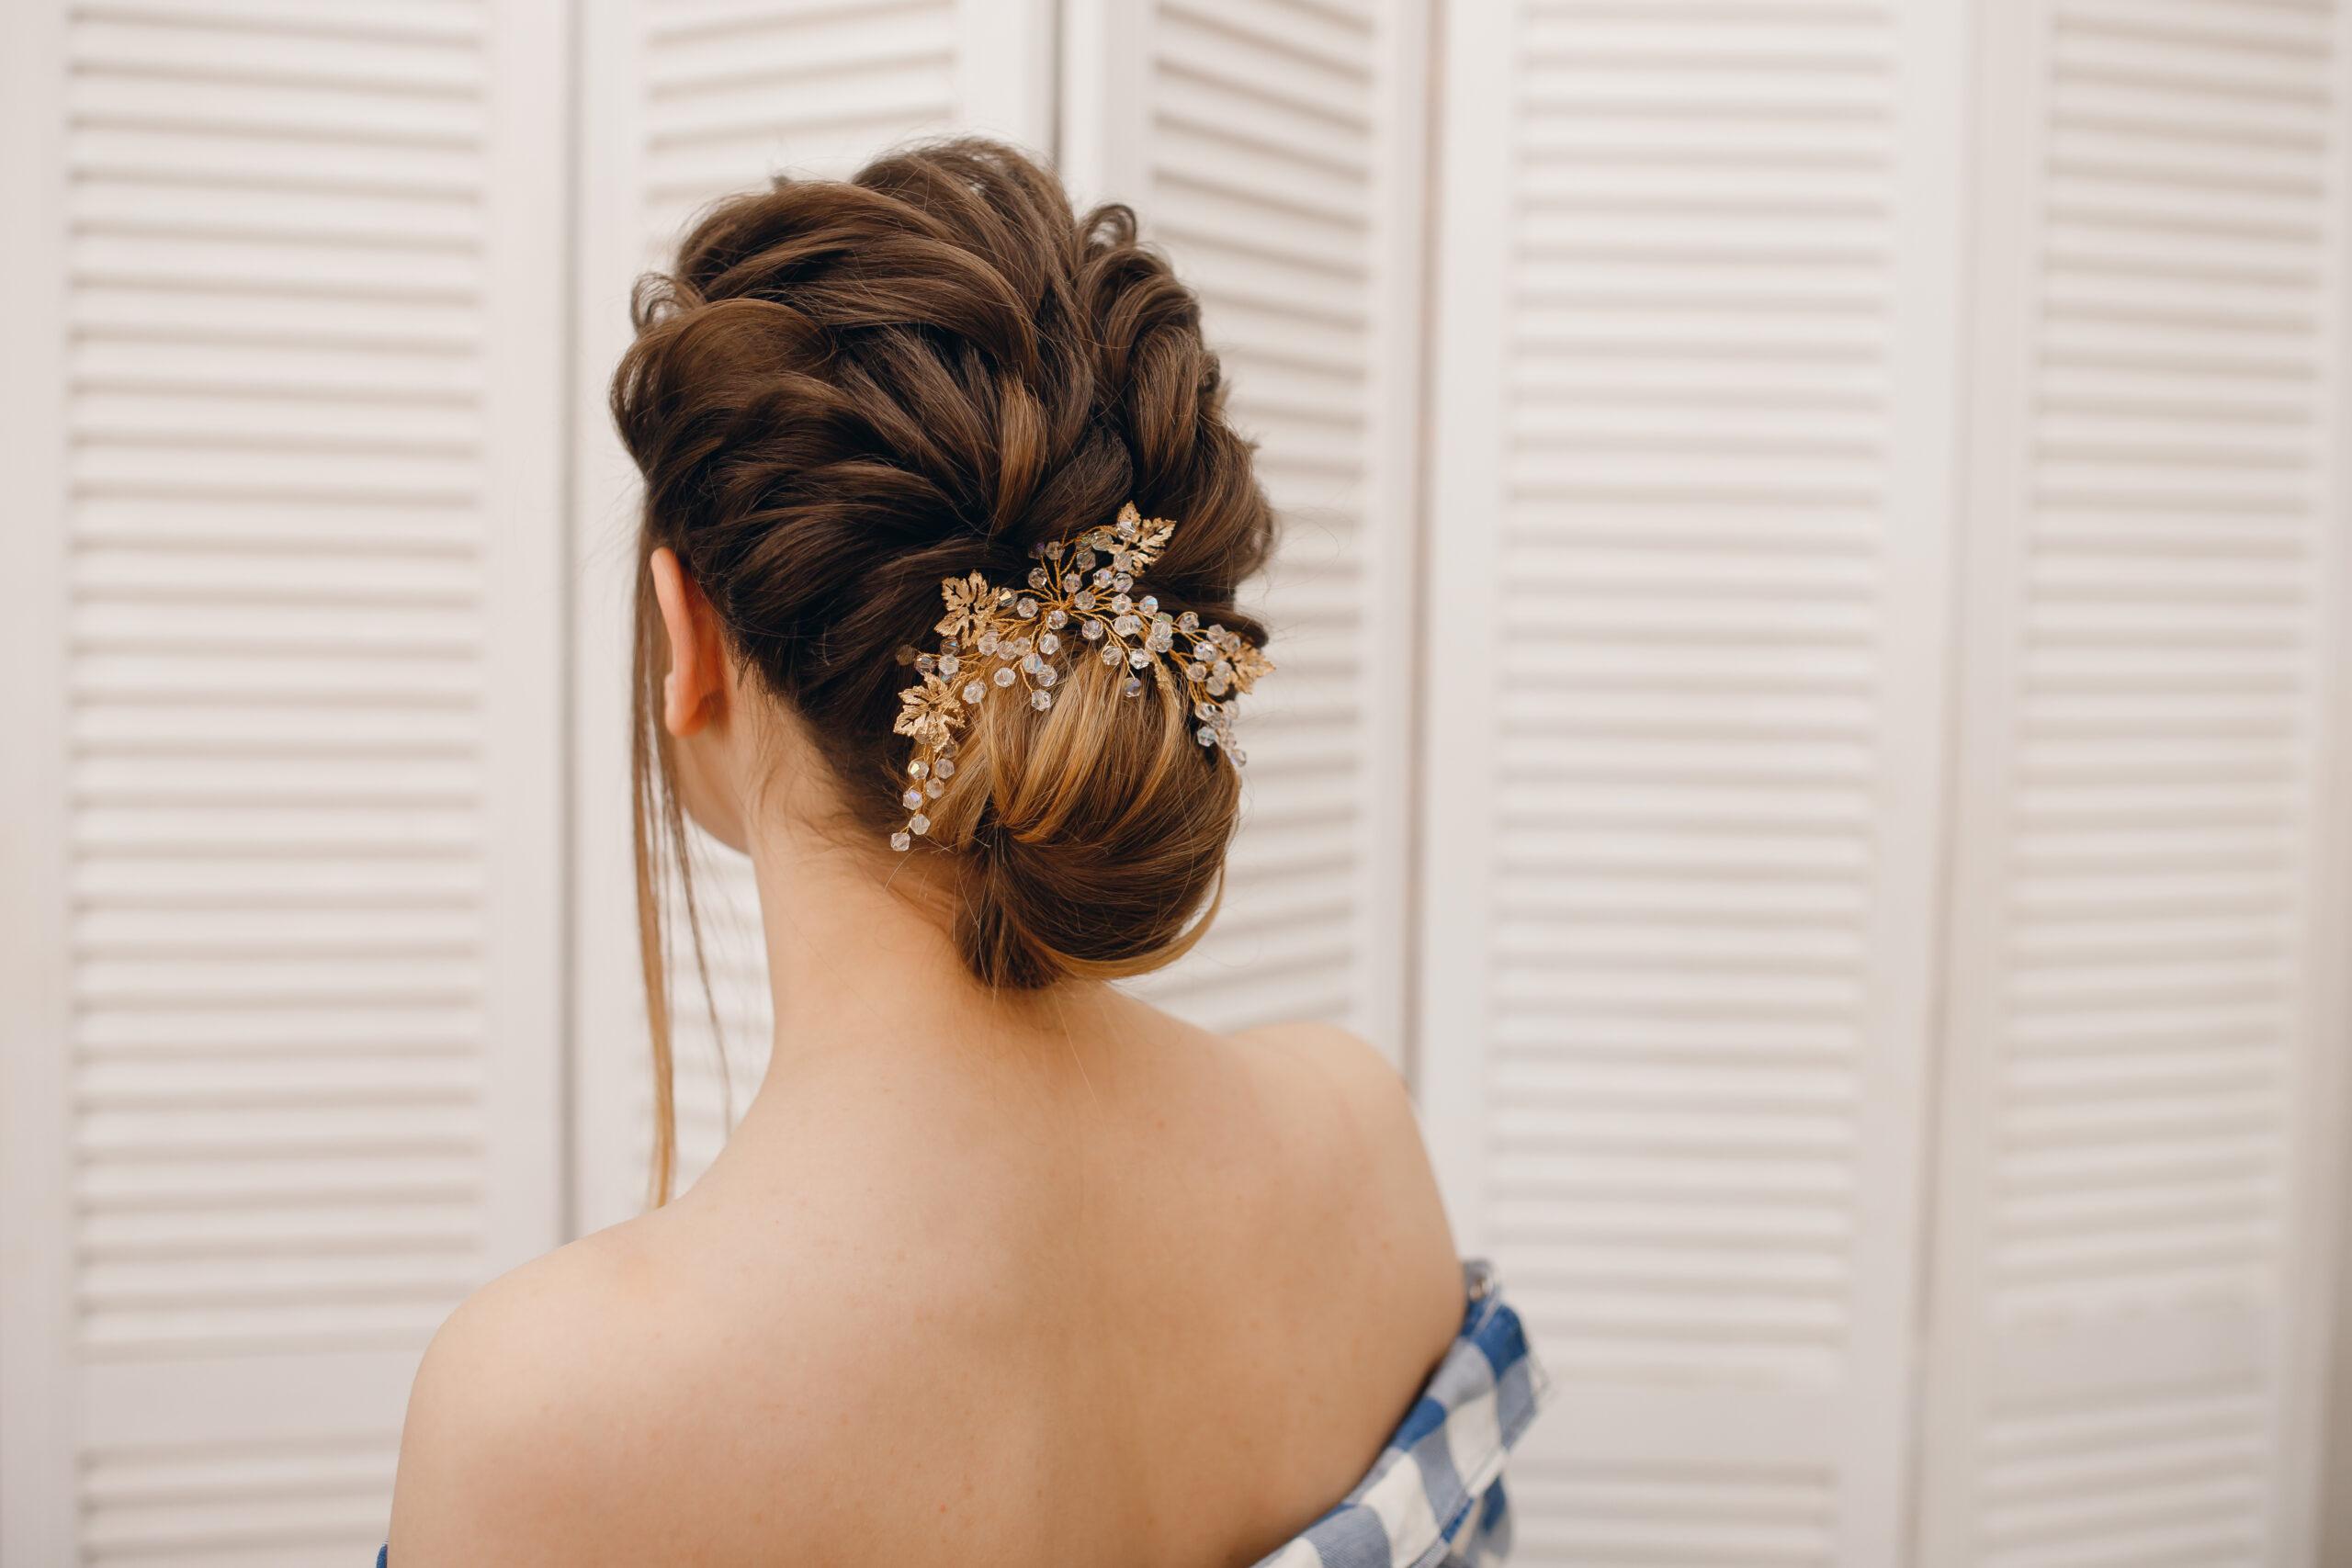 fryzura na wesele niski kok z ozdobą